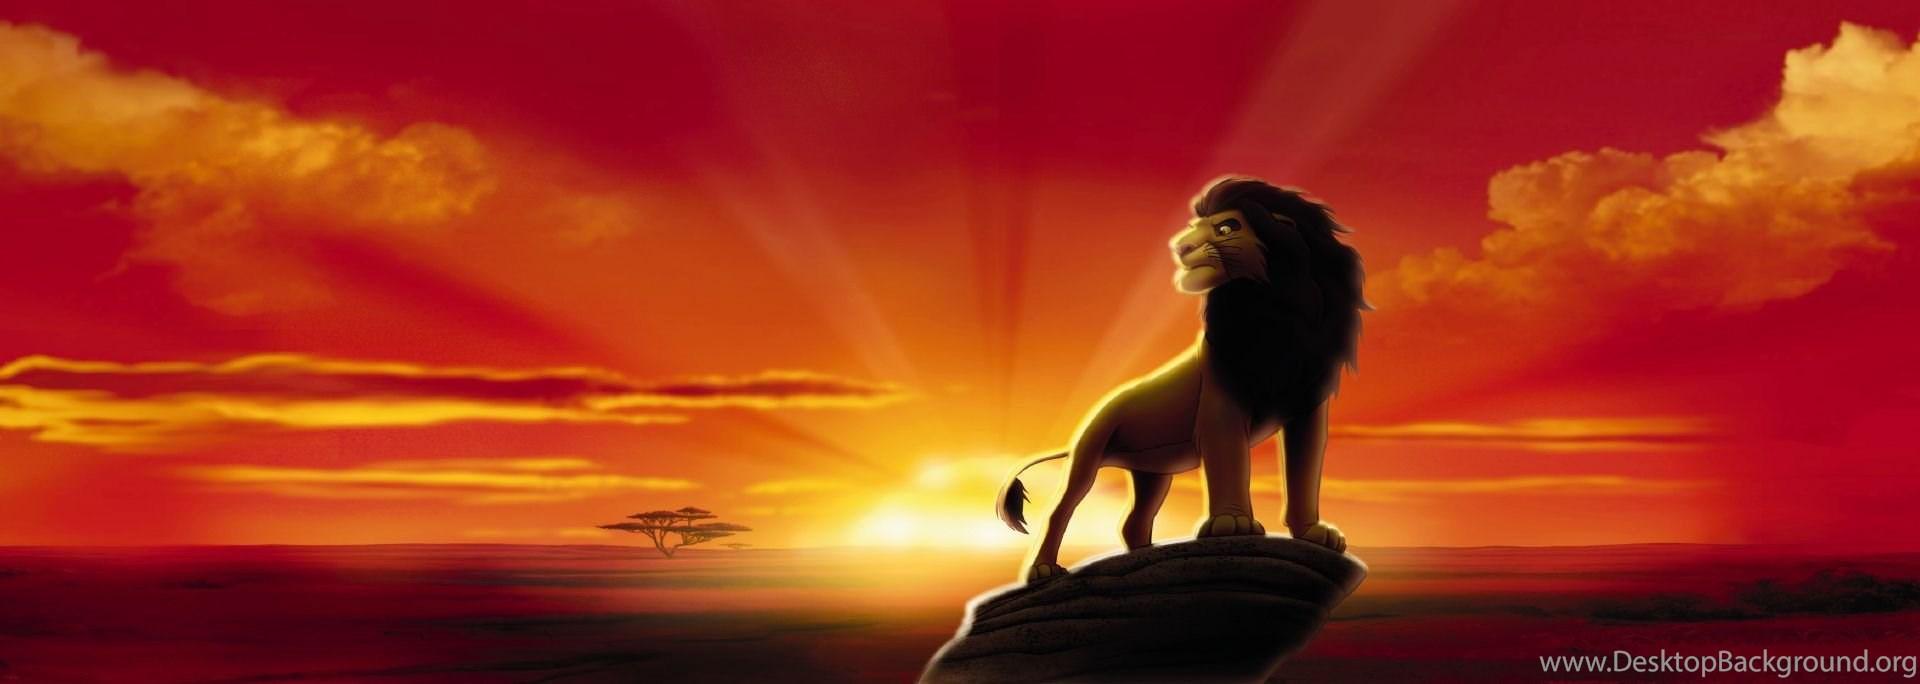 Images Lion King Wallpapers Hd Base Desktop Background